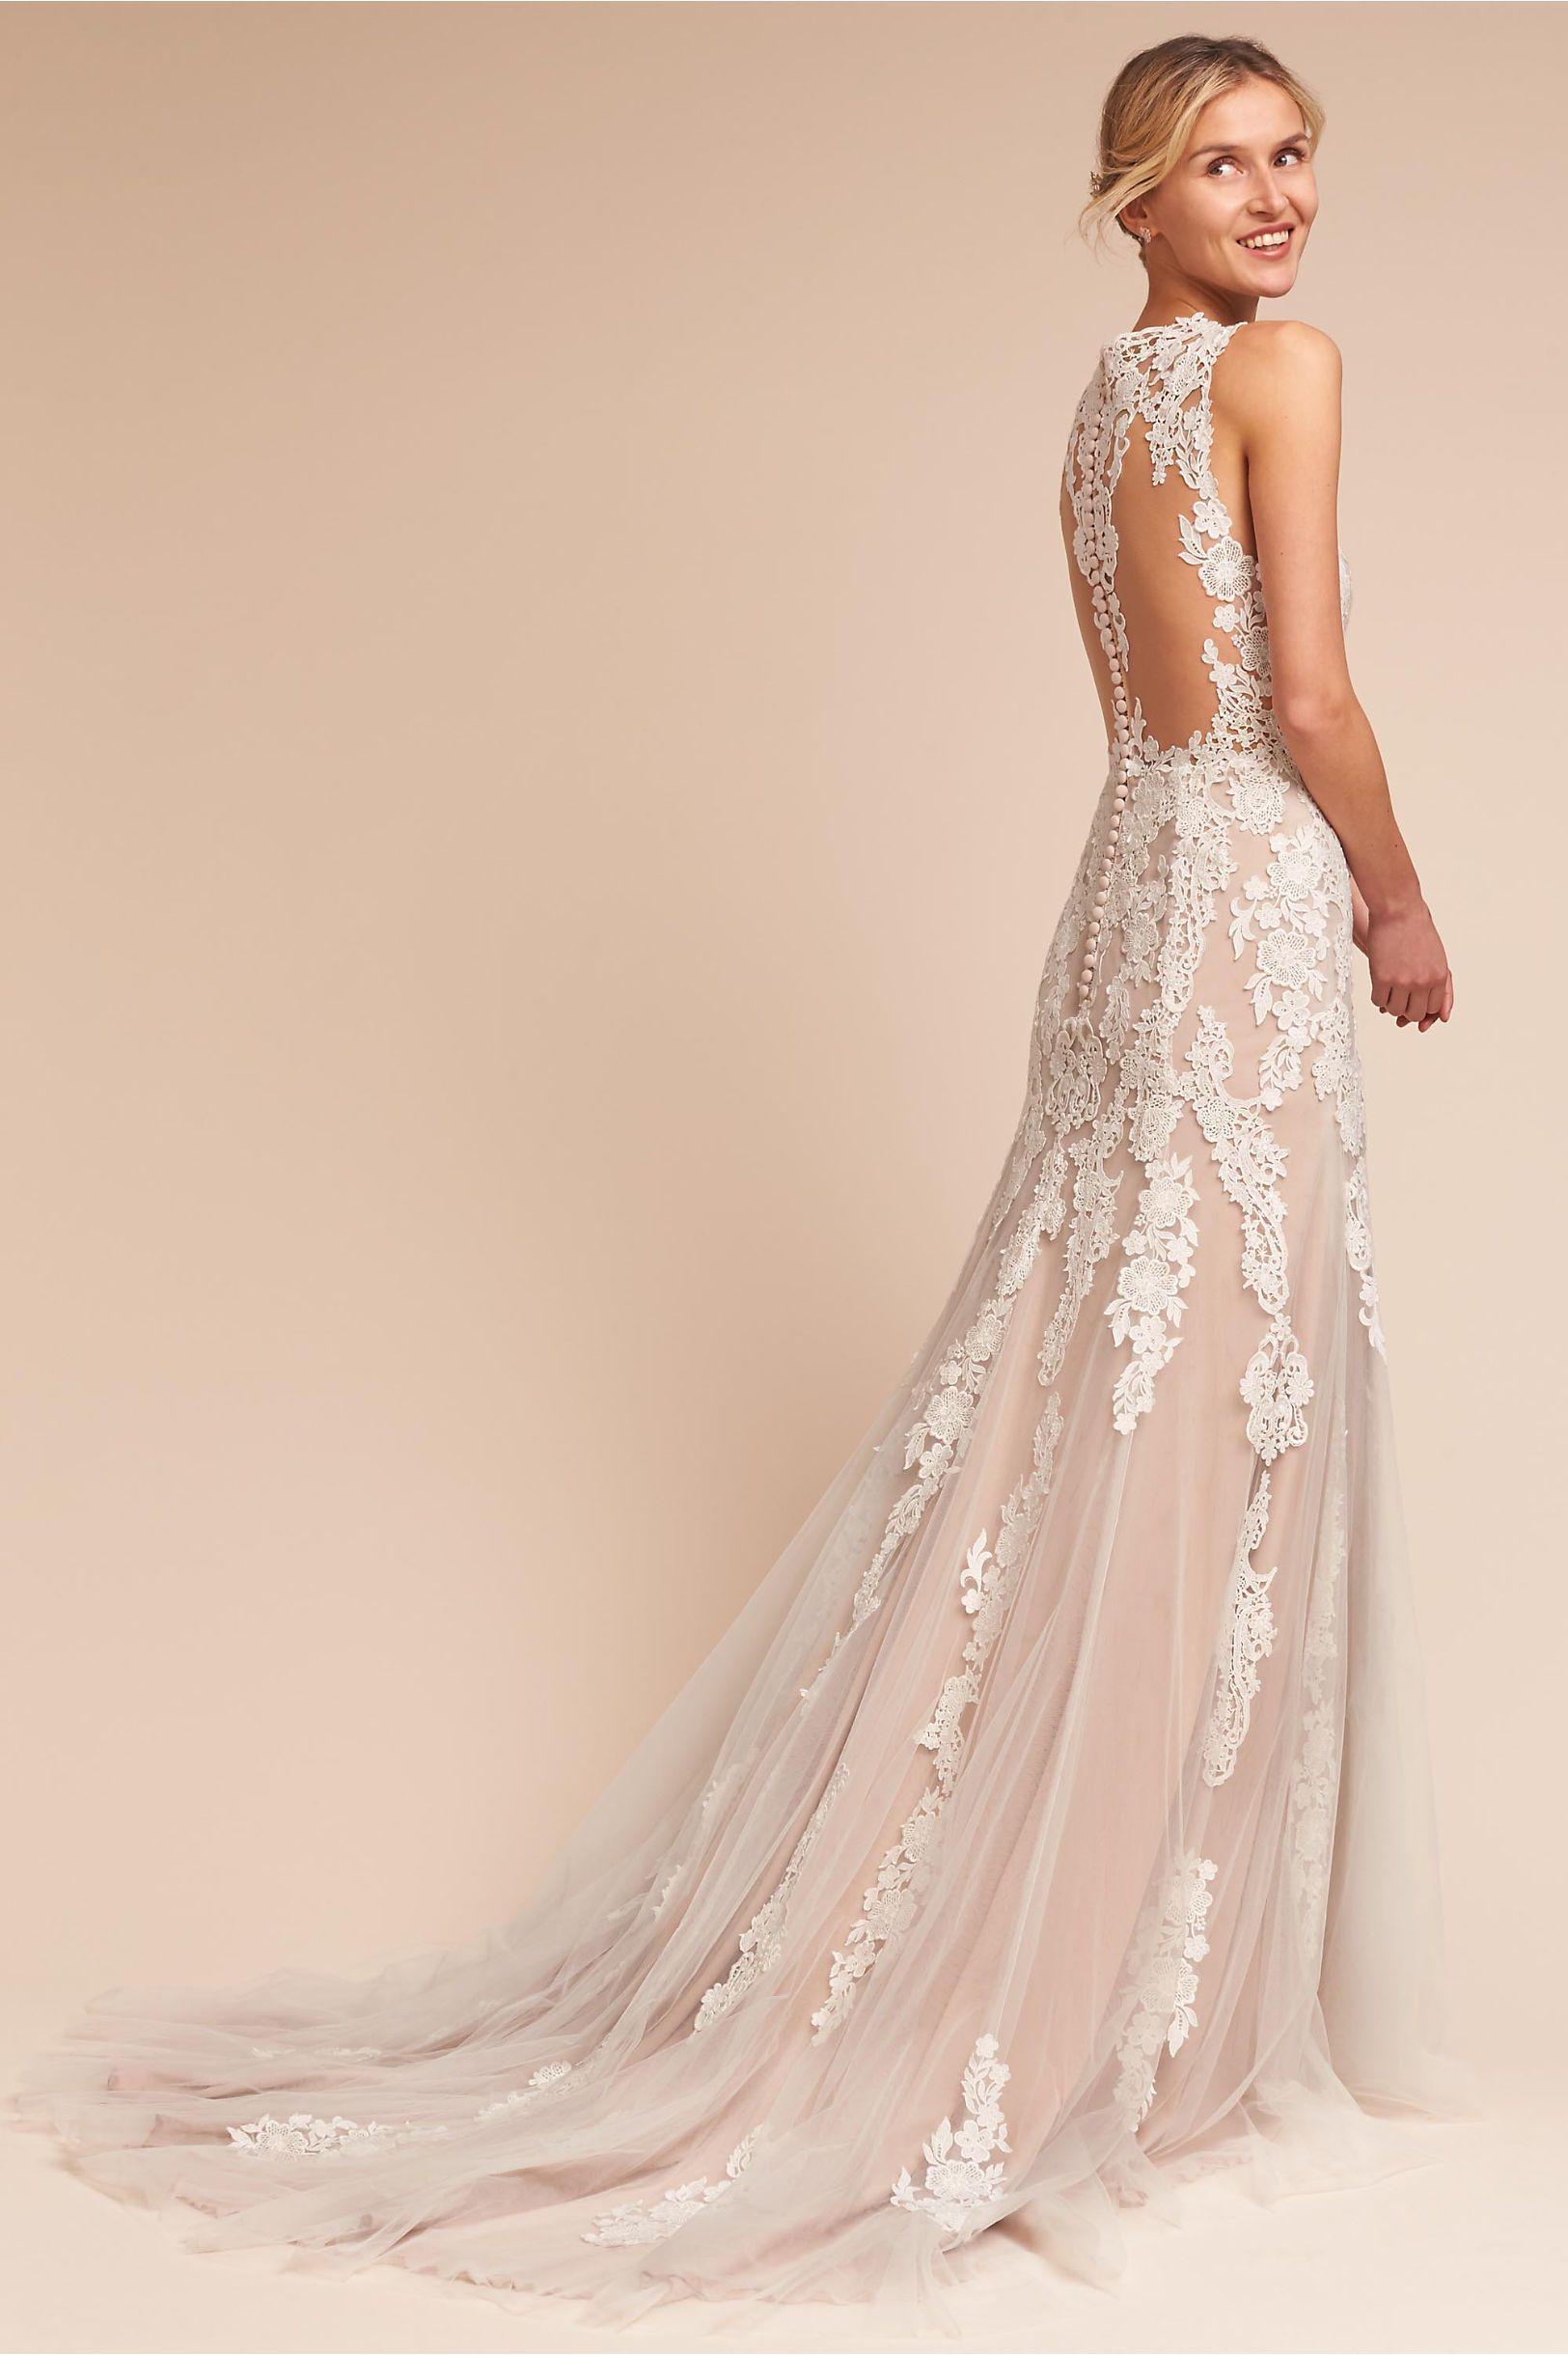 BHLDN Monarch Gown in Bride Wedding Dresses | BHLDN | BHLDN ...